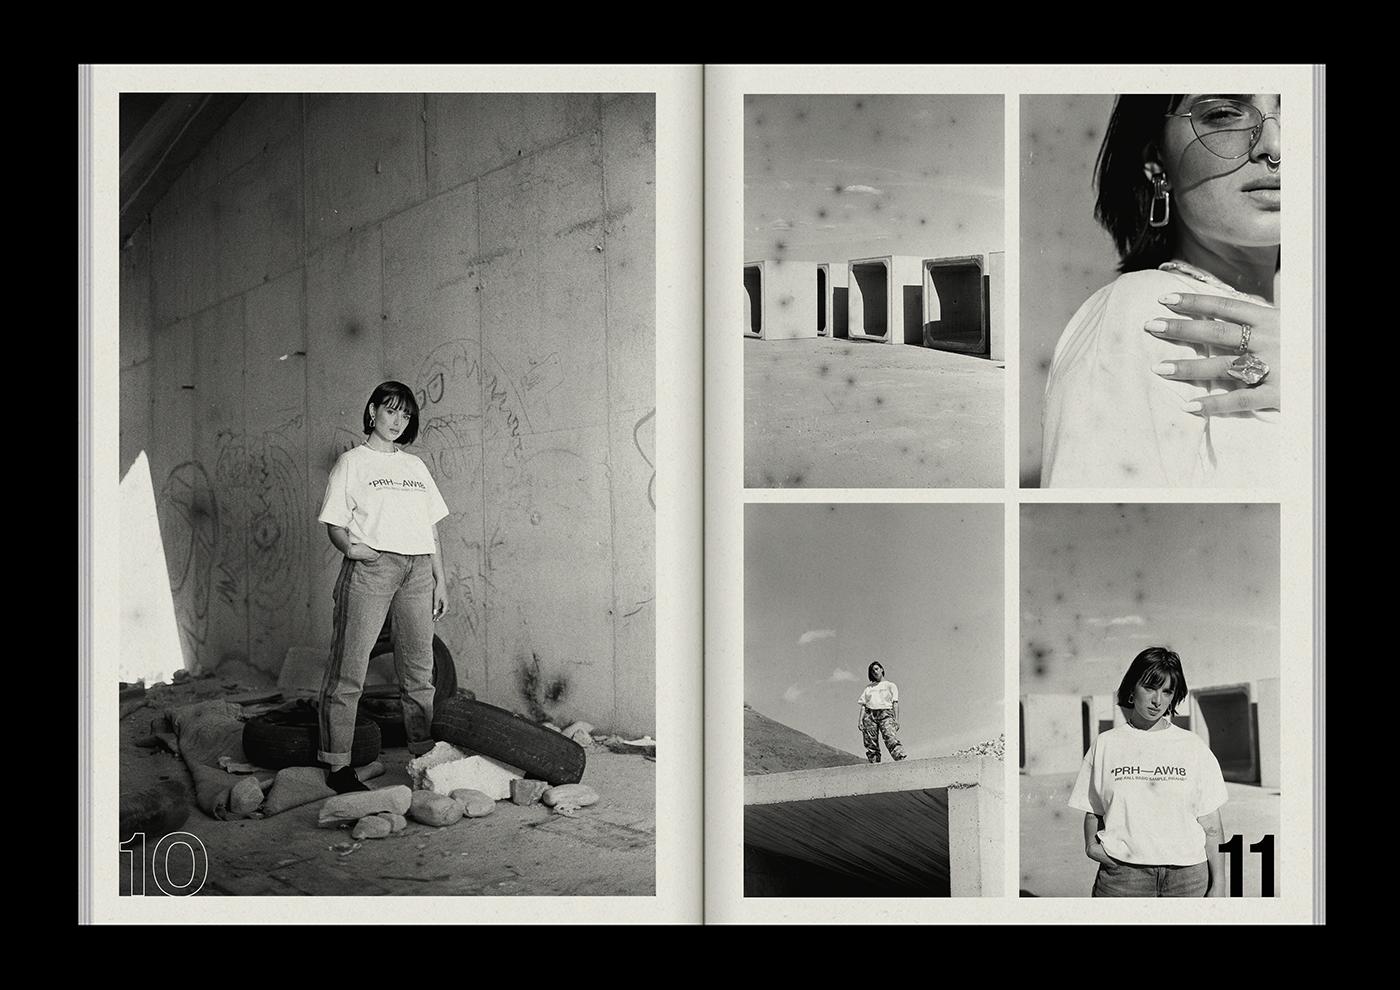 Fashion  editorial streetwear fanzine Brutalism 35mm analog print publication